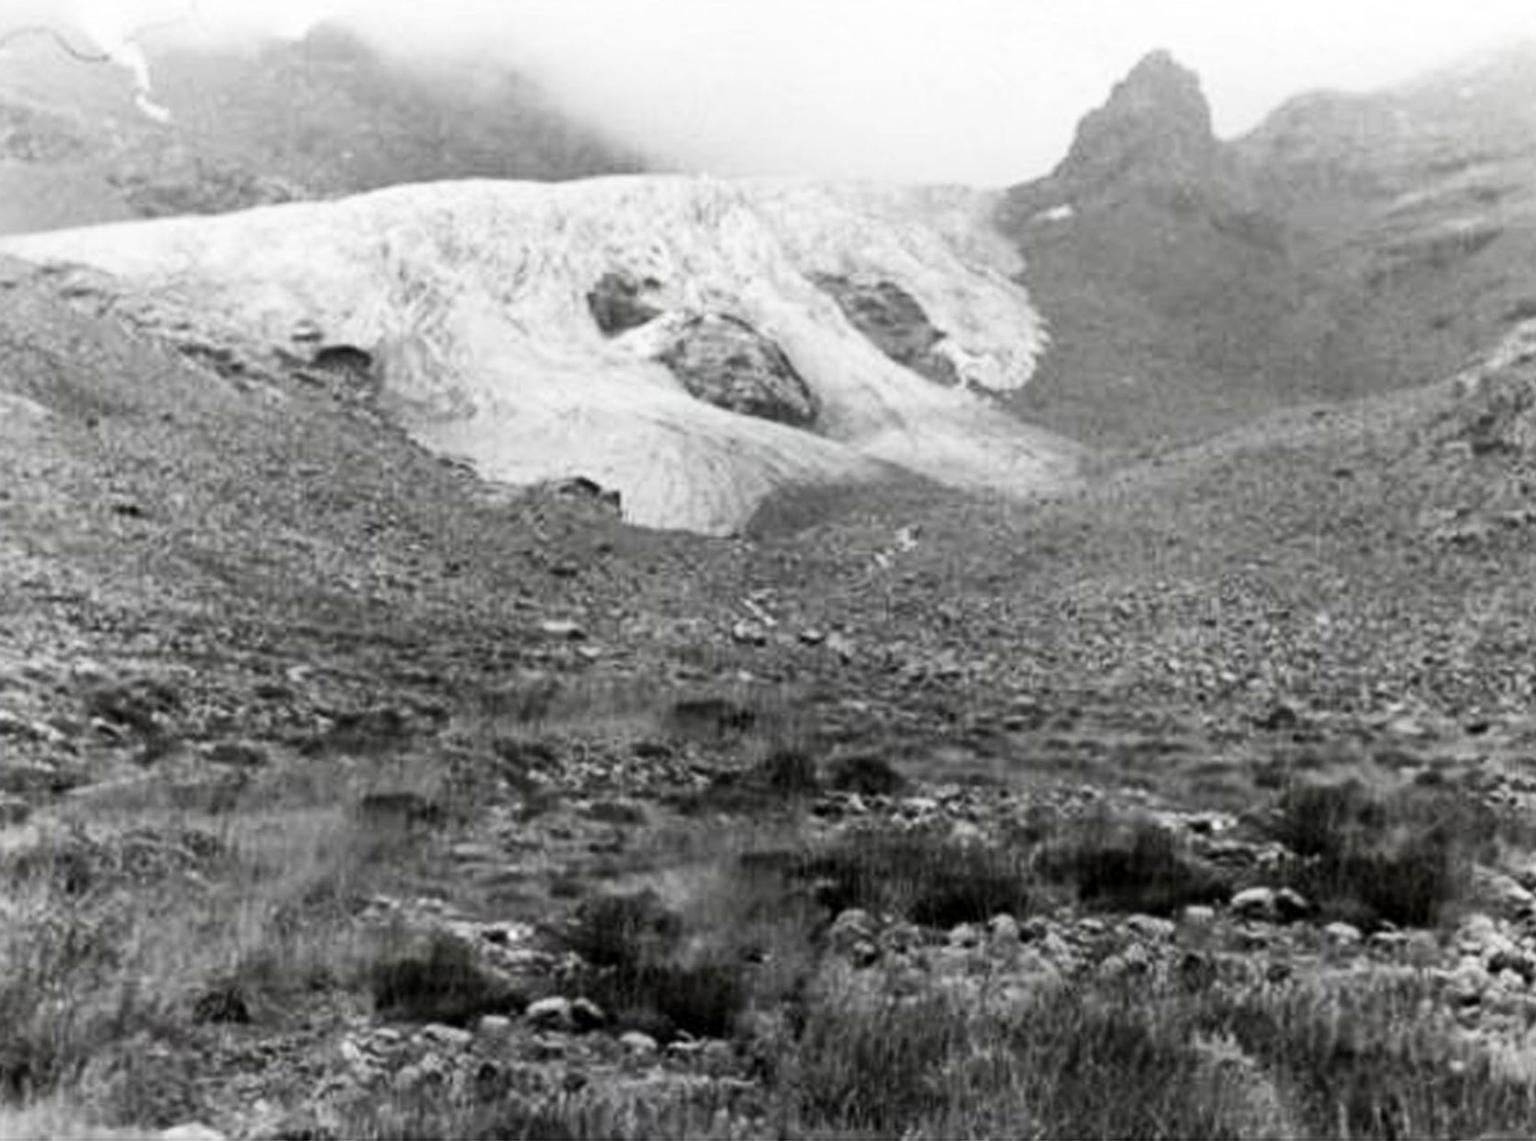 Kirtisho Glacier, Rach'a-Lechkhumi da Kvemo Svaneti, Georgia